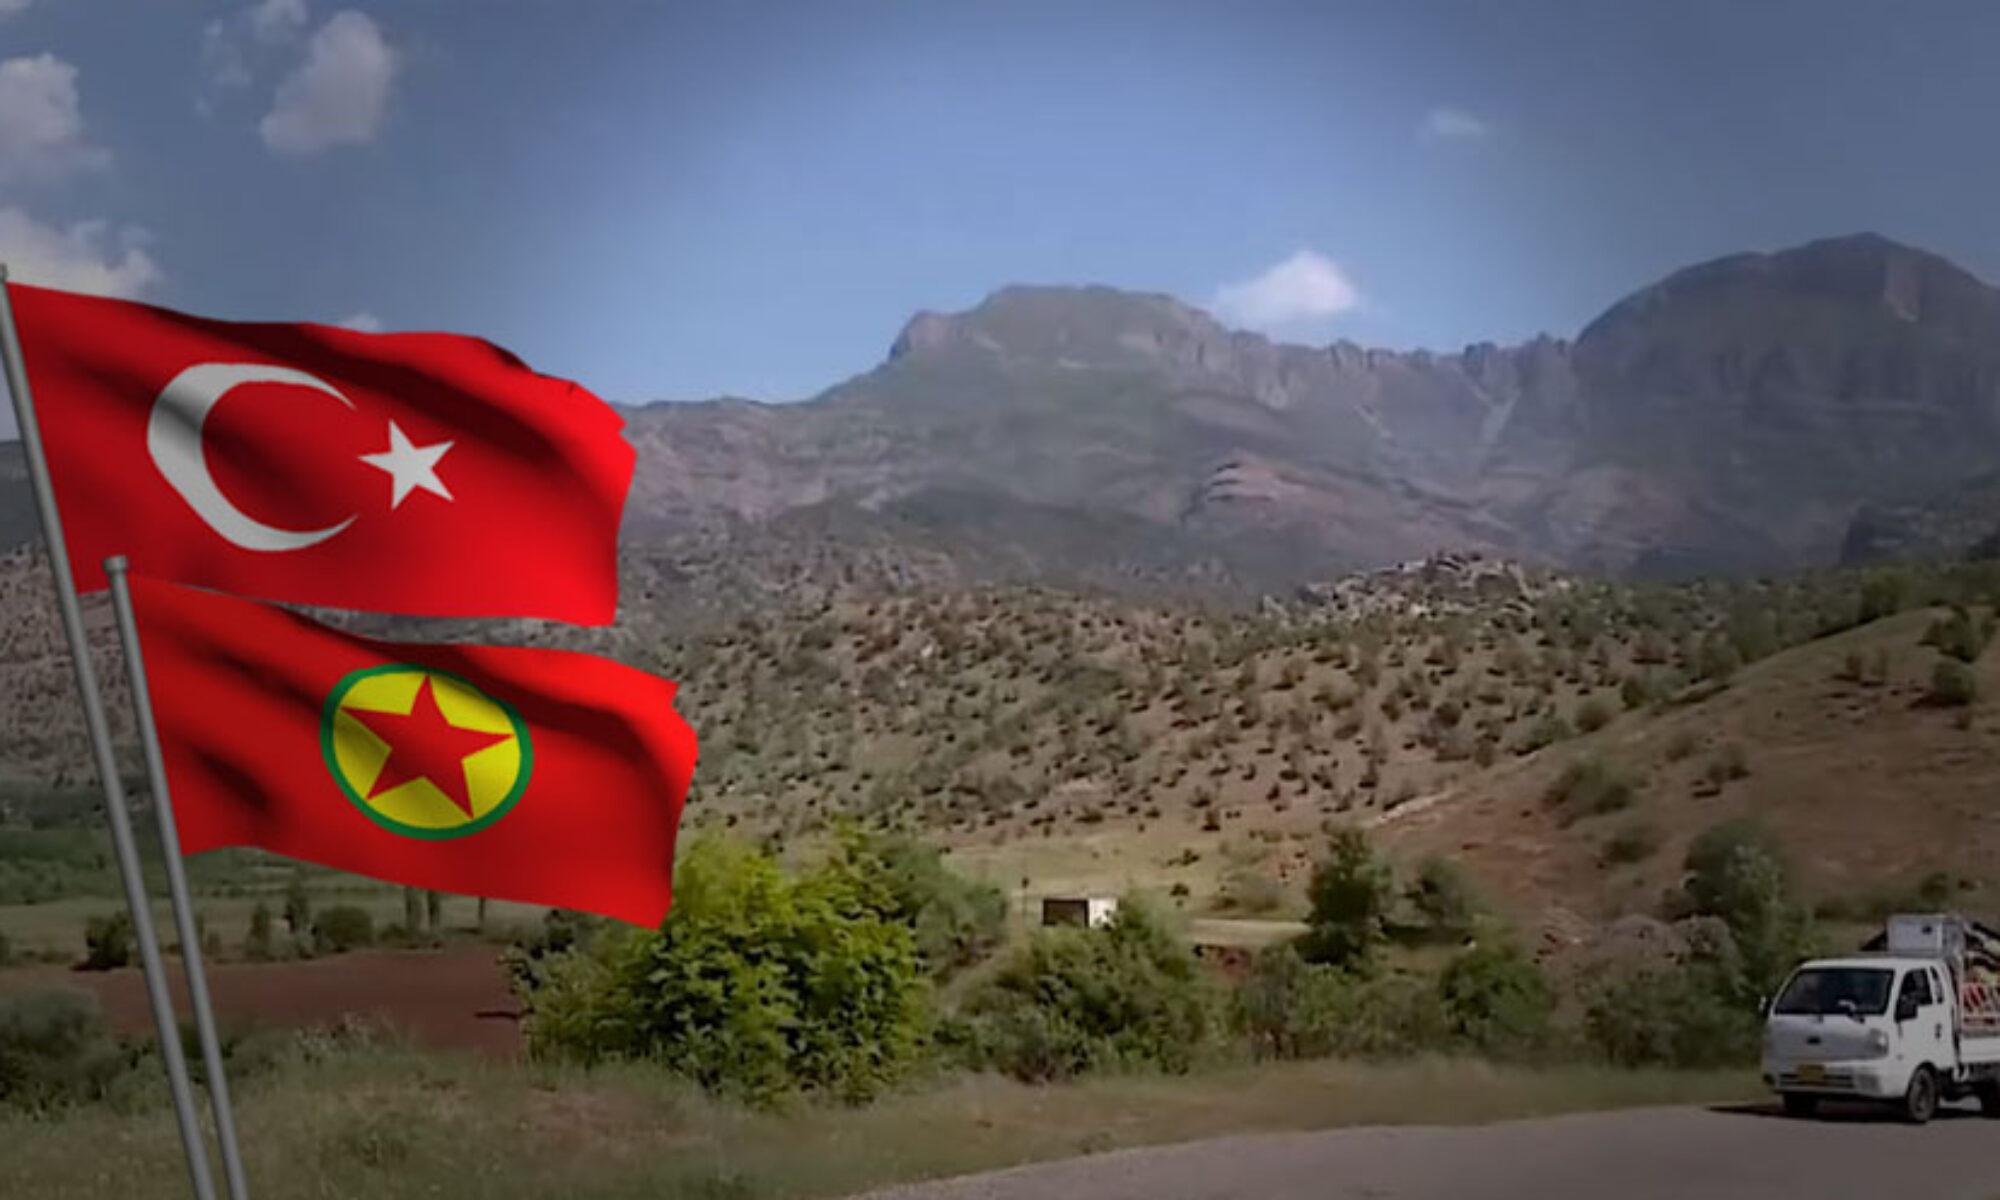 قرية جلكي-گوندێ چهلكێ-pkk-turk-kurdistan-duhok (2)